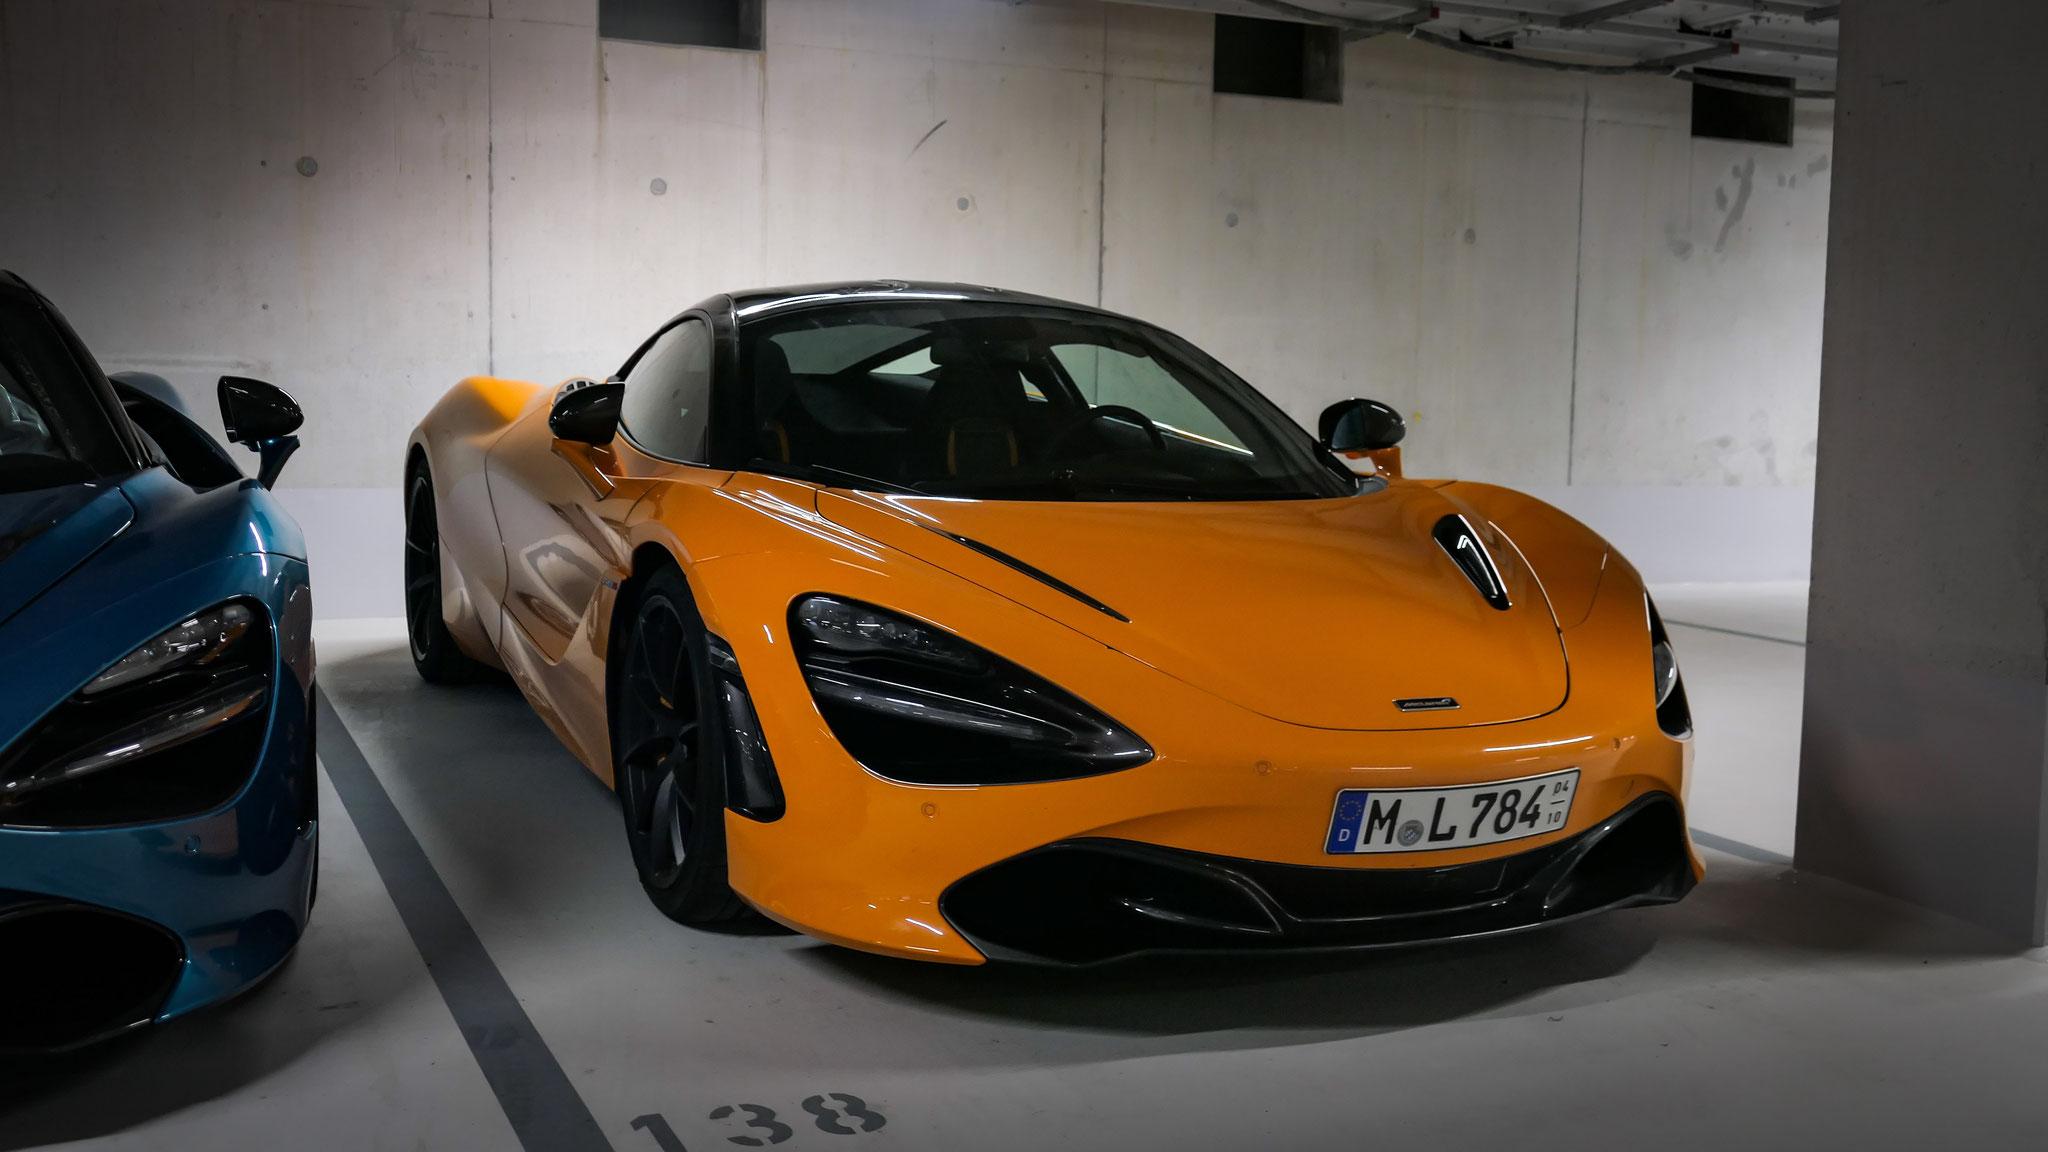 McLaren 720S - M-L-784